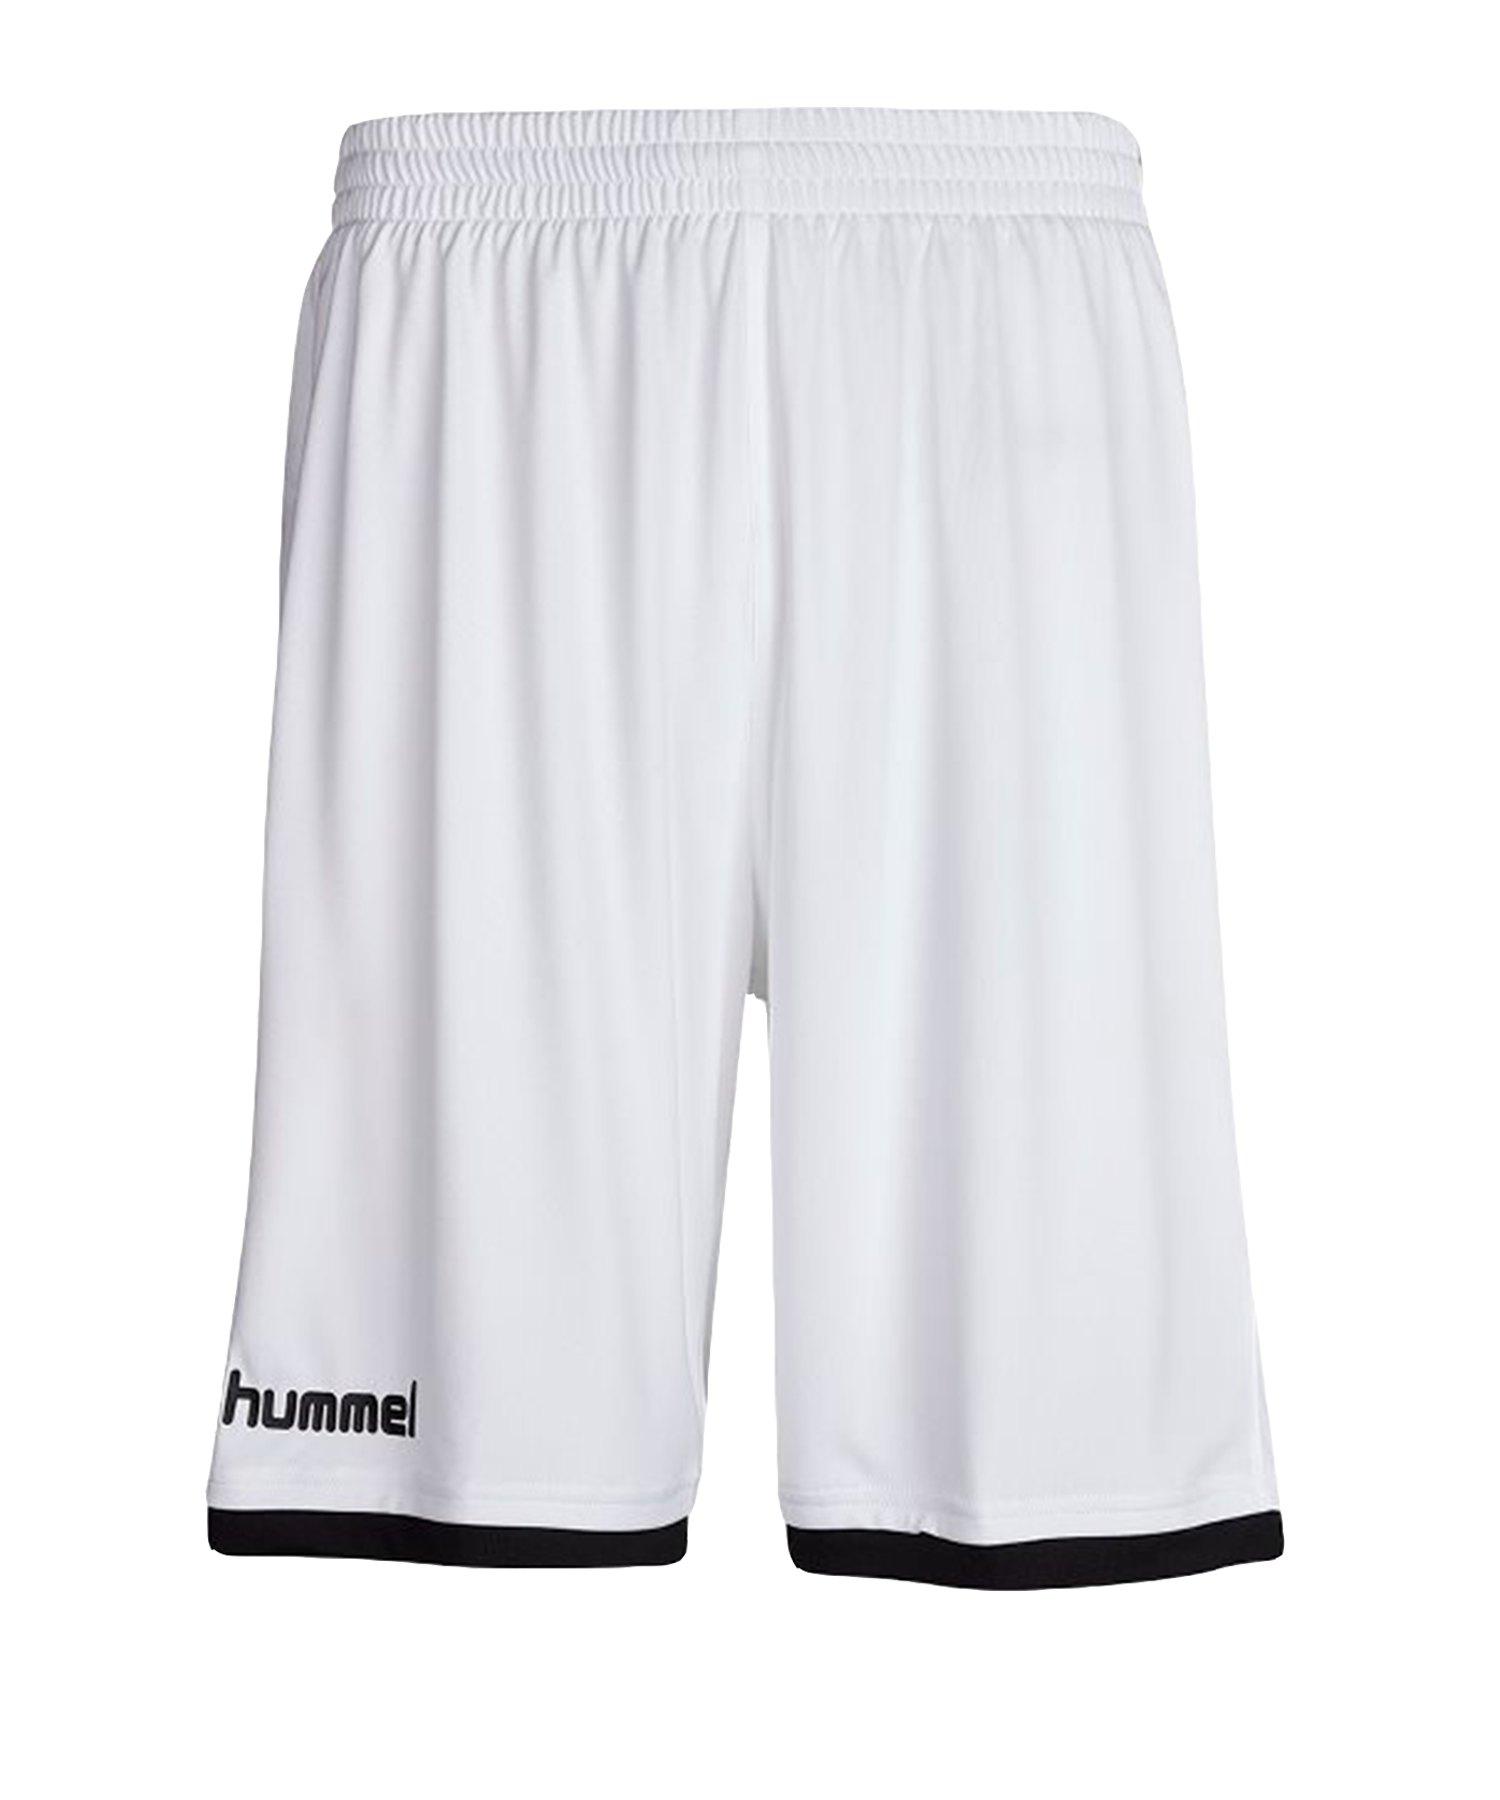 Hummel Core Basket Short Weiss F9001 - weiss